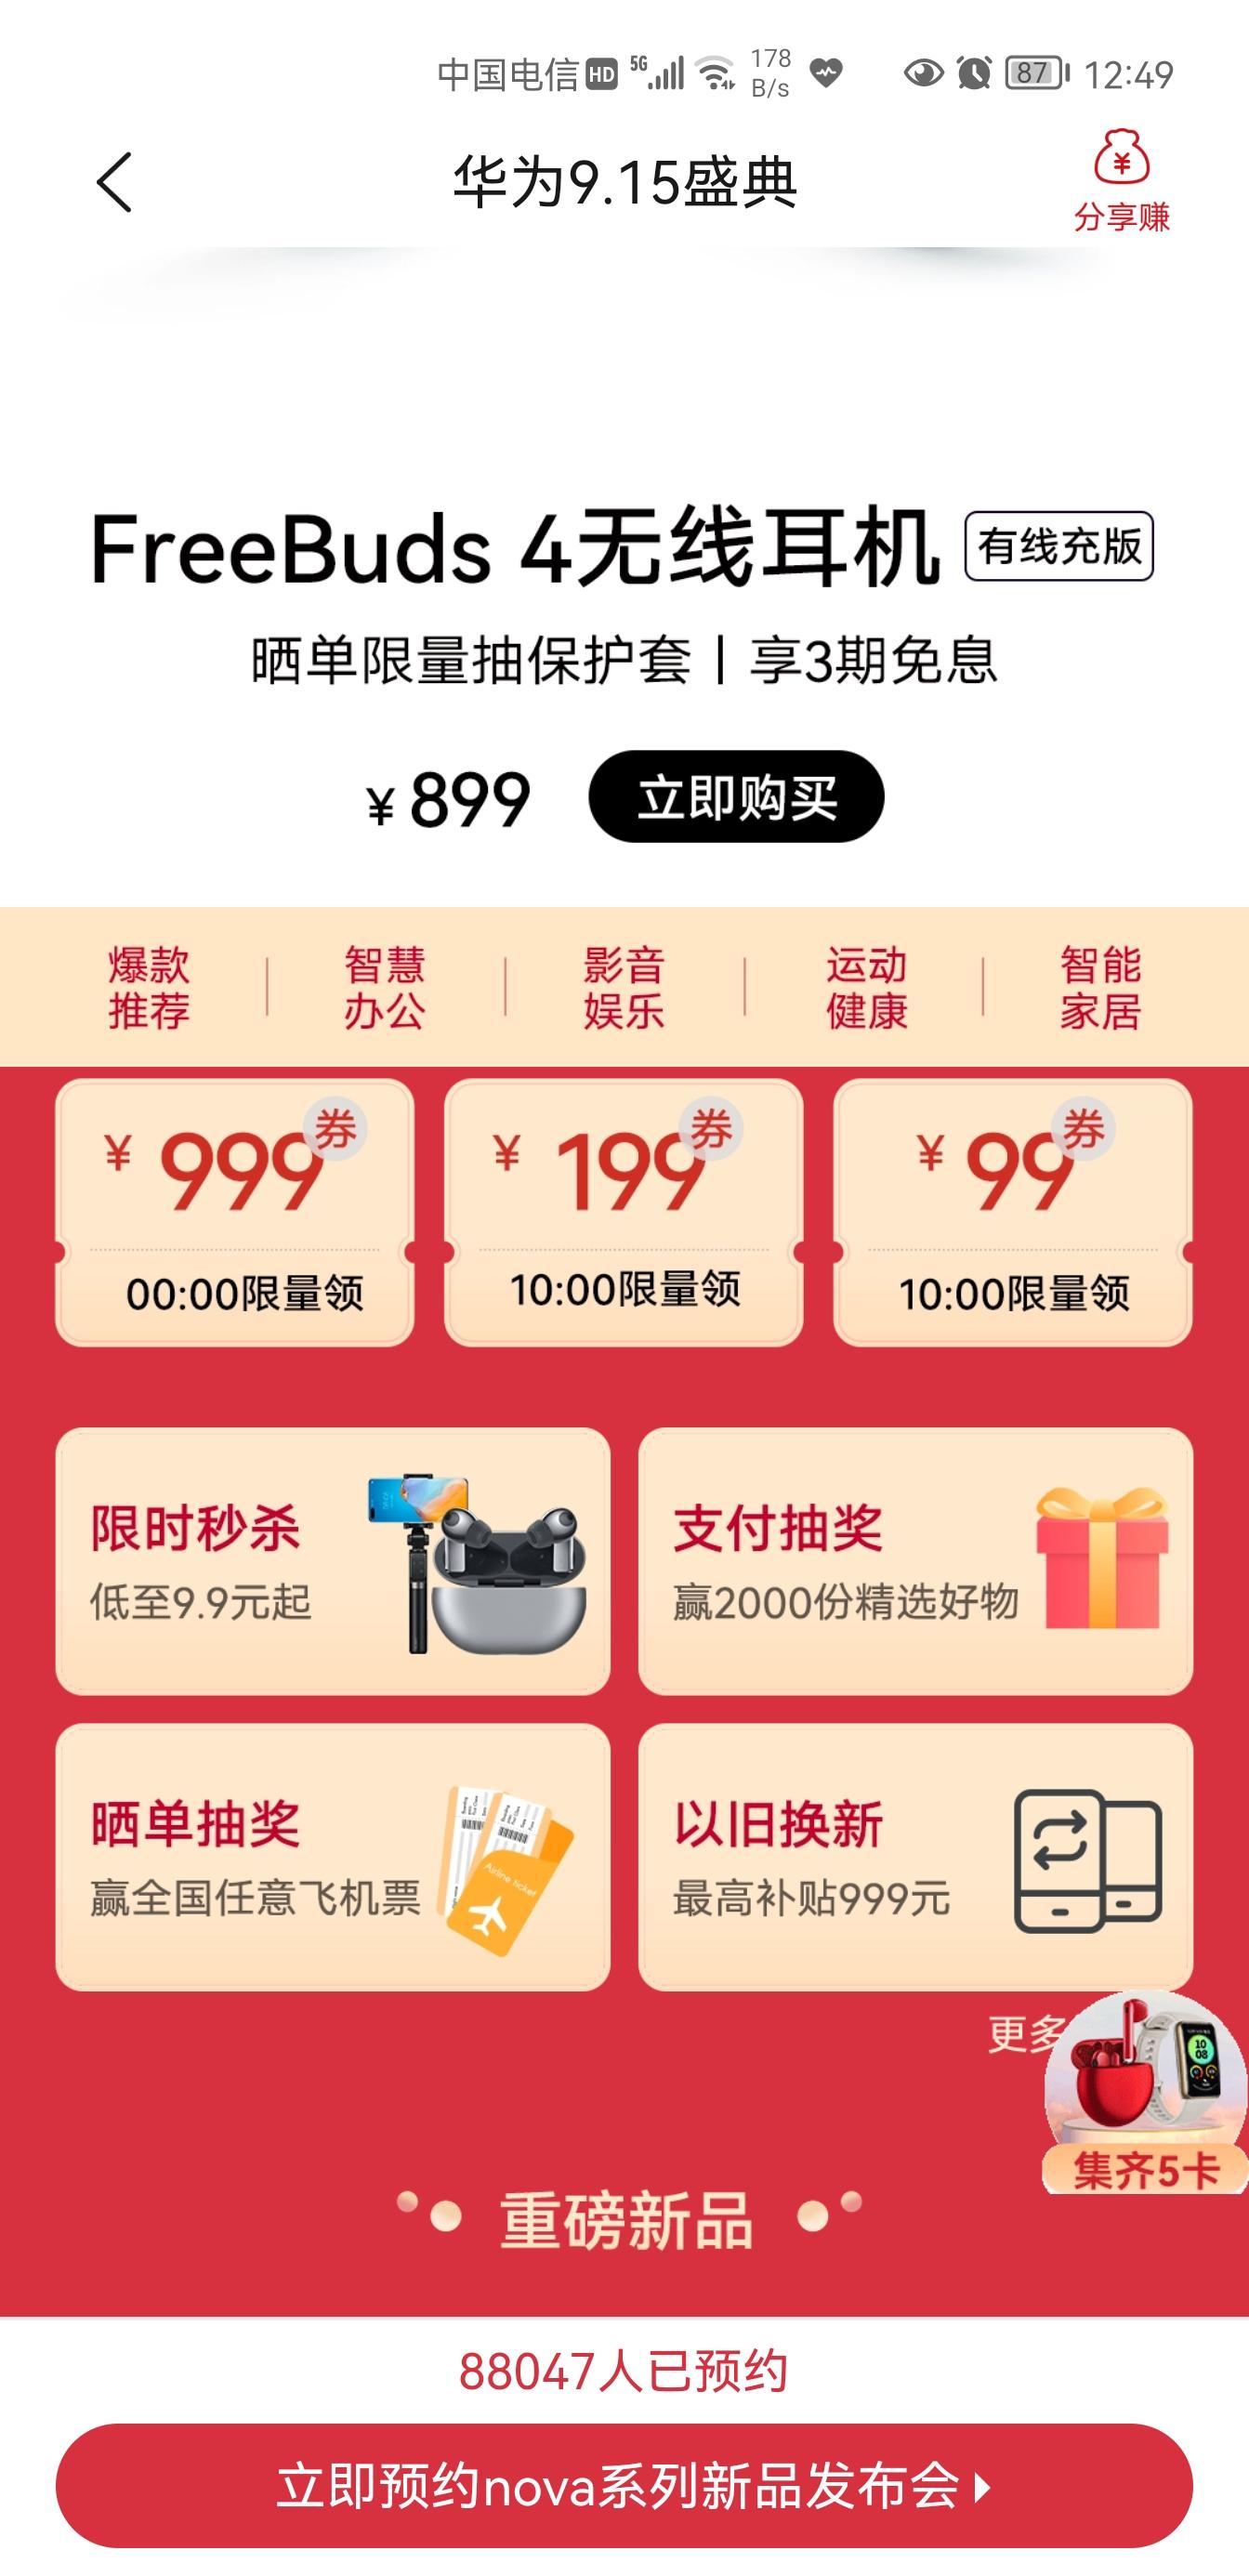 Screenshot_20210915_004916_com.vmall.client.jpg